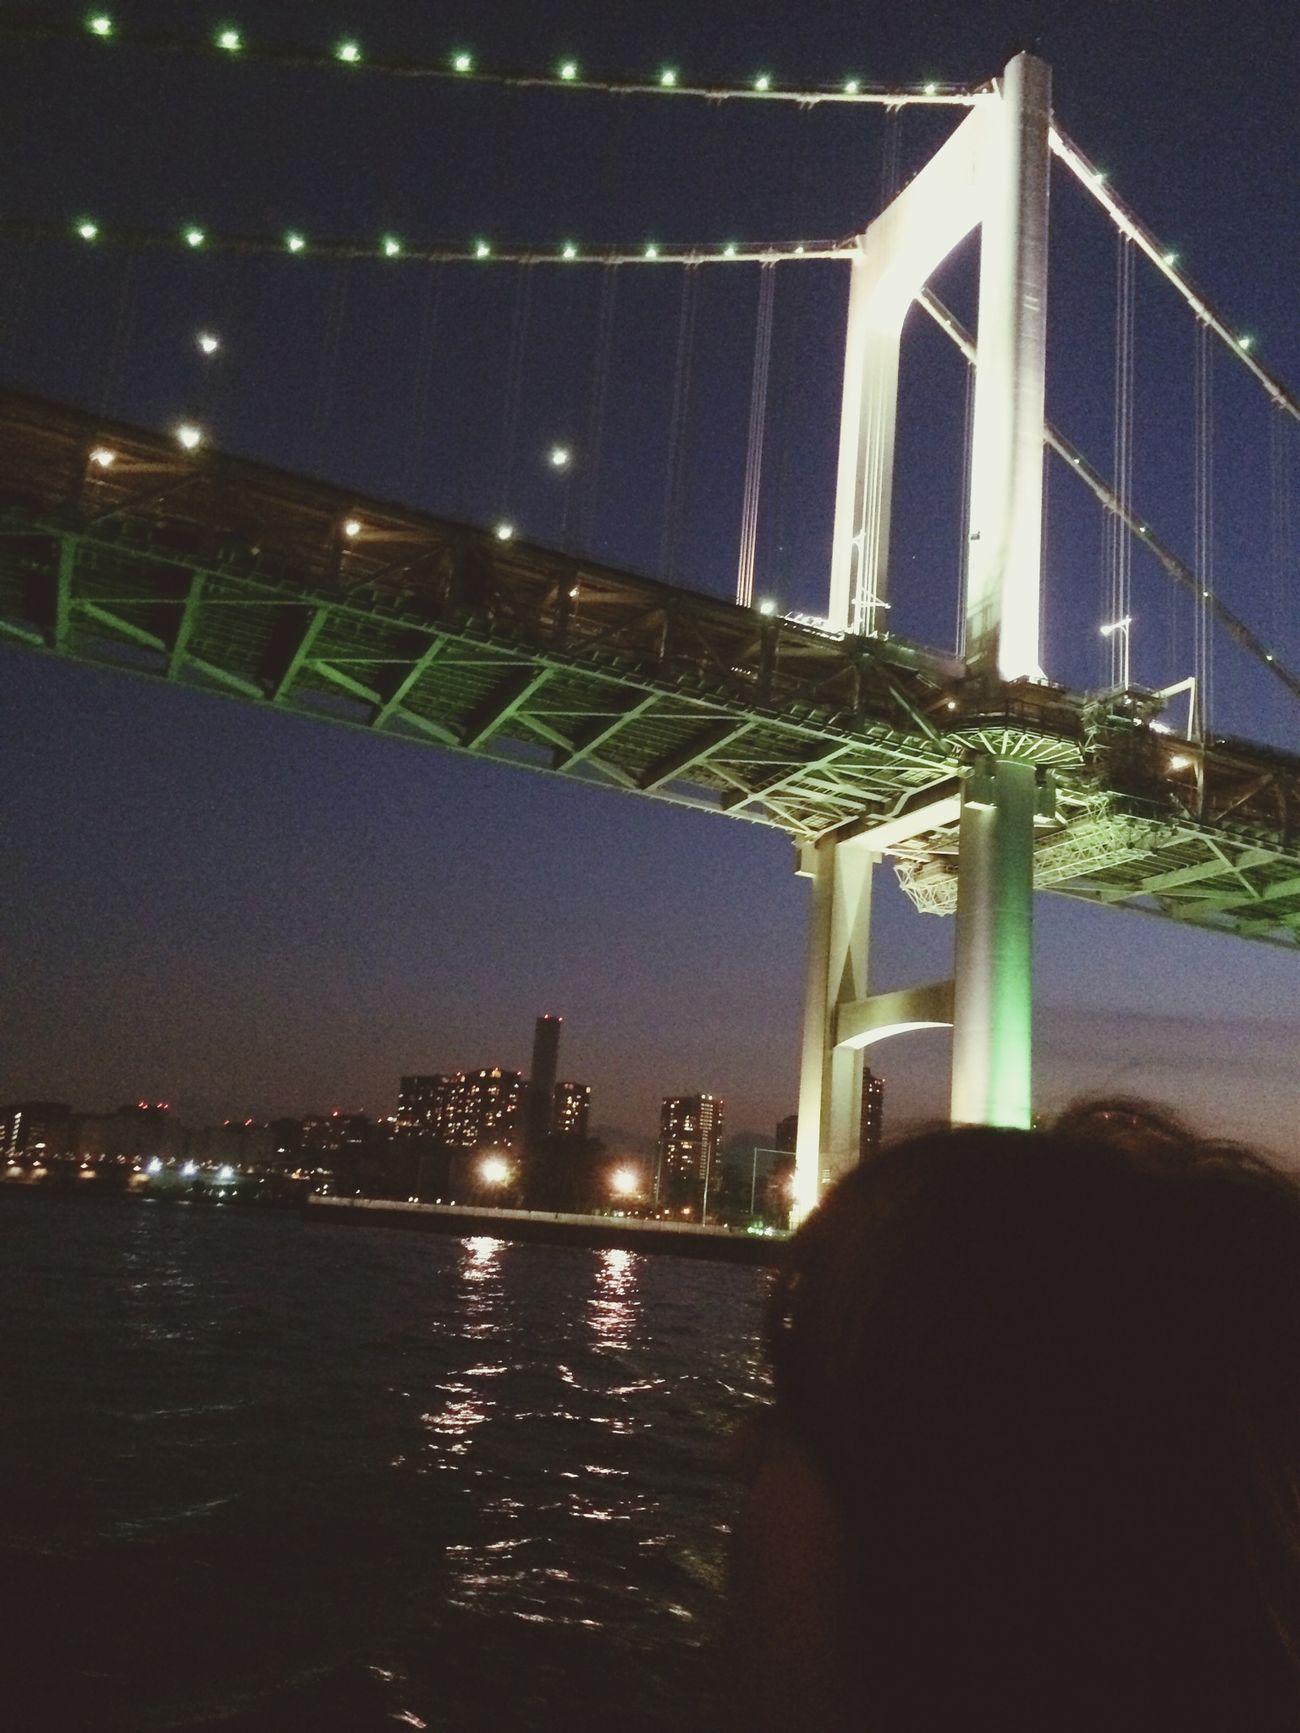 Night View Taking Photos Cruising Enjoying Life